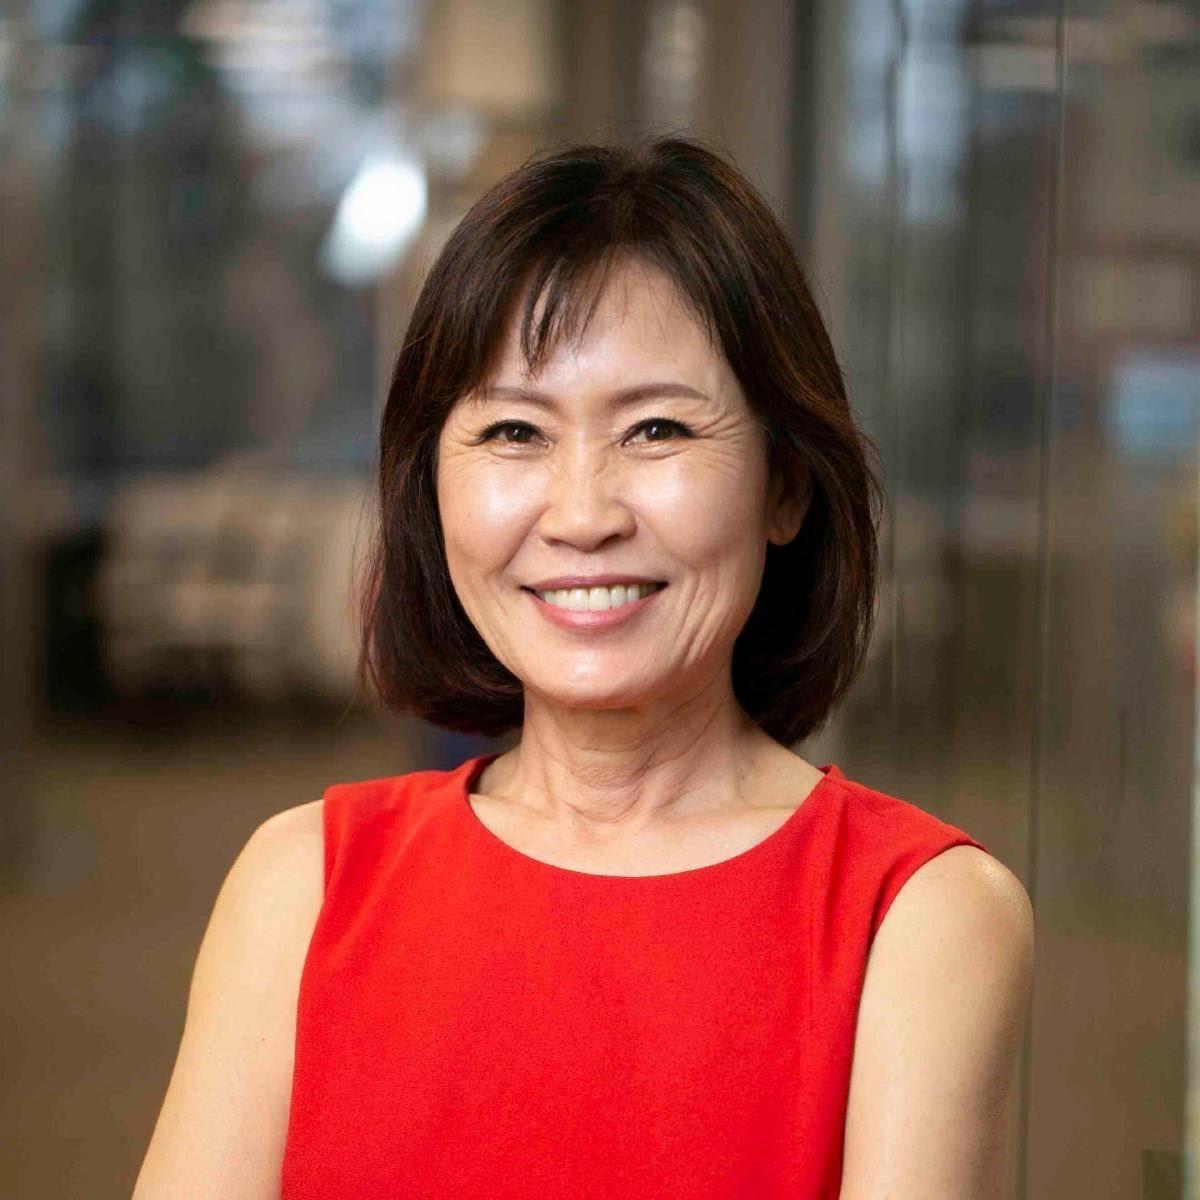 미국 연방하원 의원에 당선된 한국계 미셸 박 스틸 공화당 후보. 사진 미셸 박 스틸 후보 페이스북